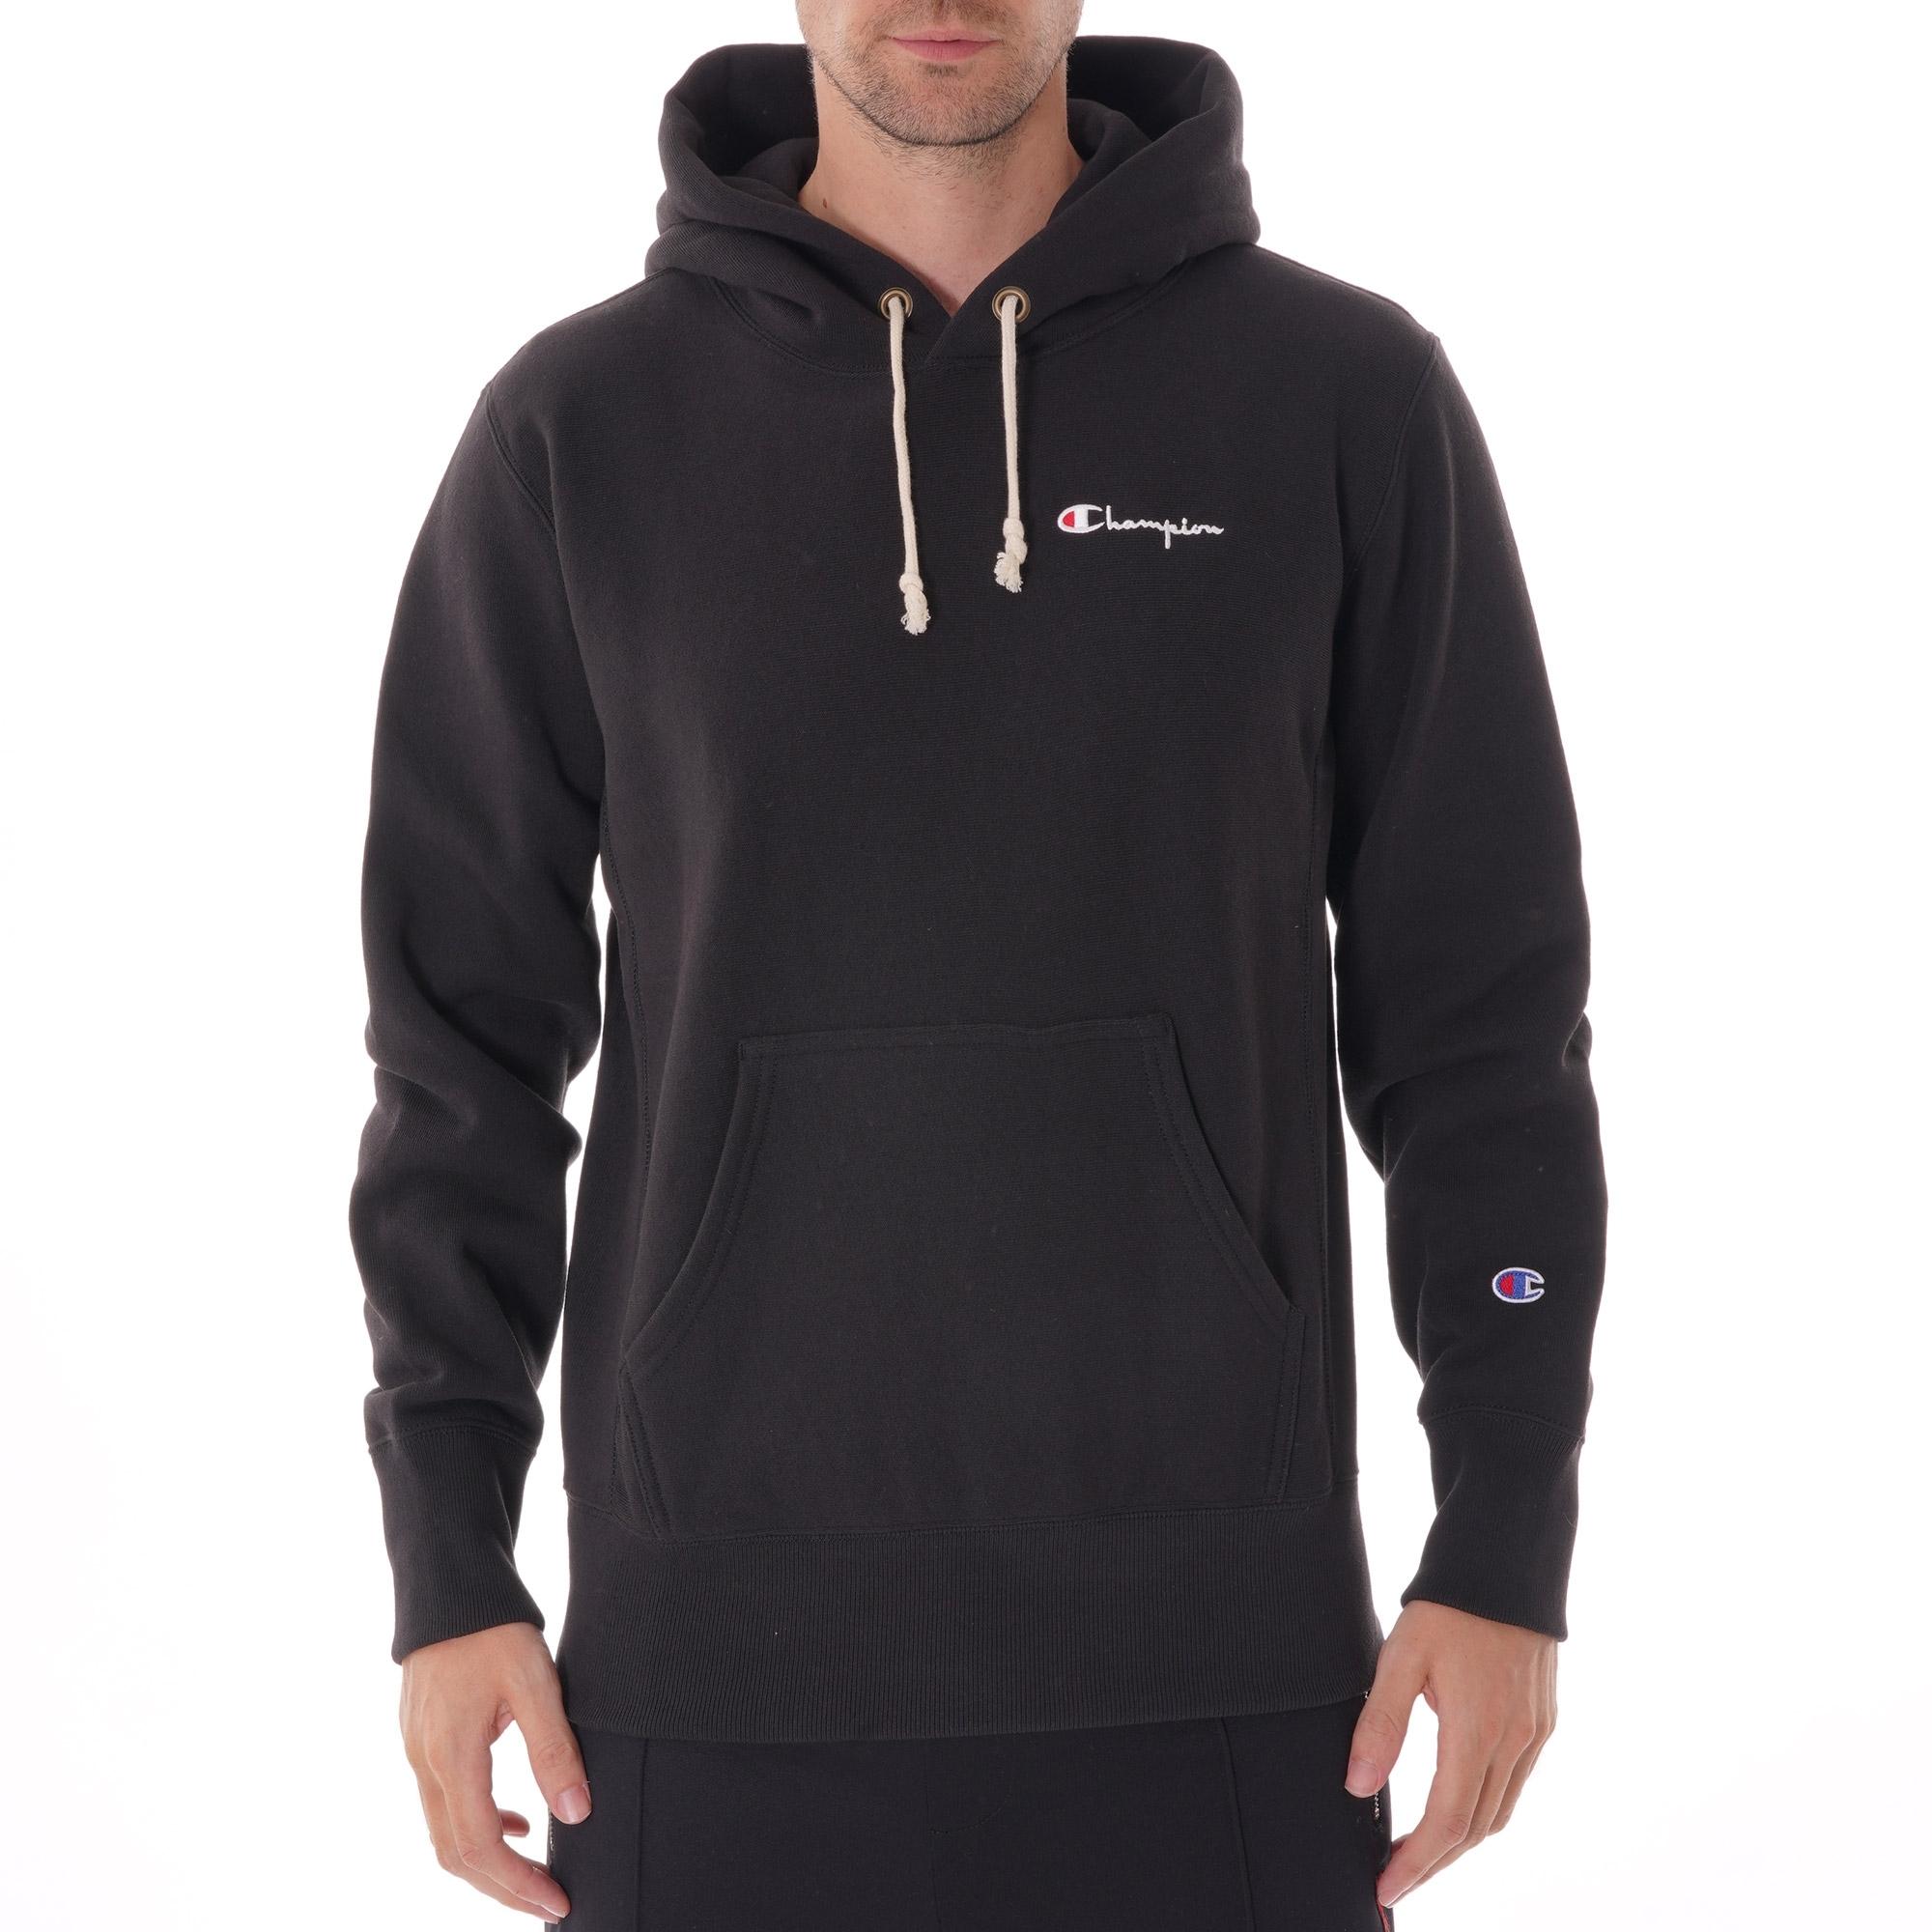 ao-hoodie_reverse-weave-hoodie-champion-